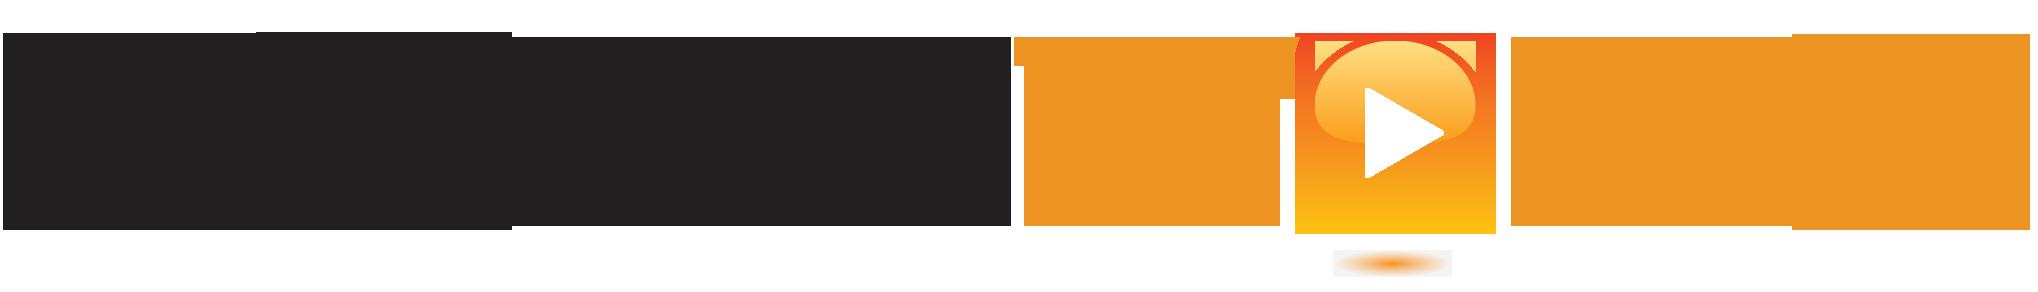 2017_SW_newlogo_final